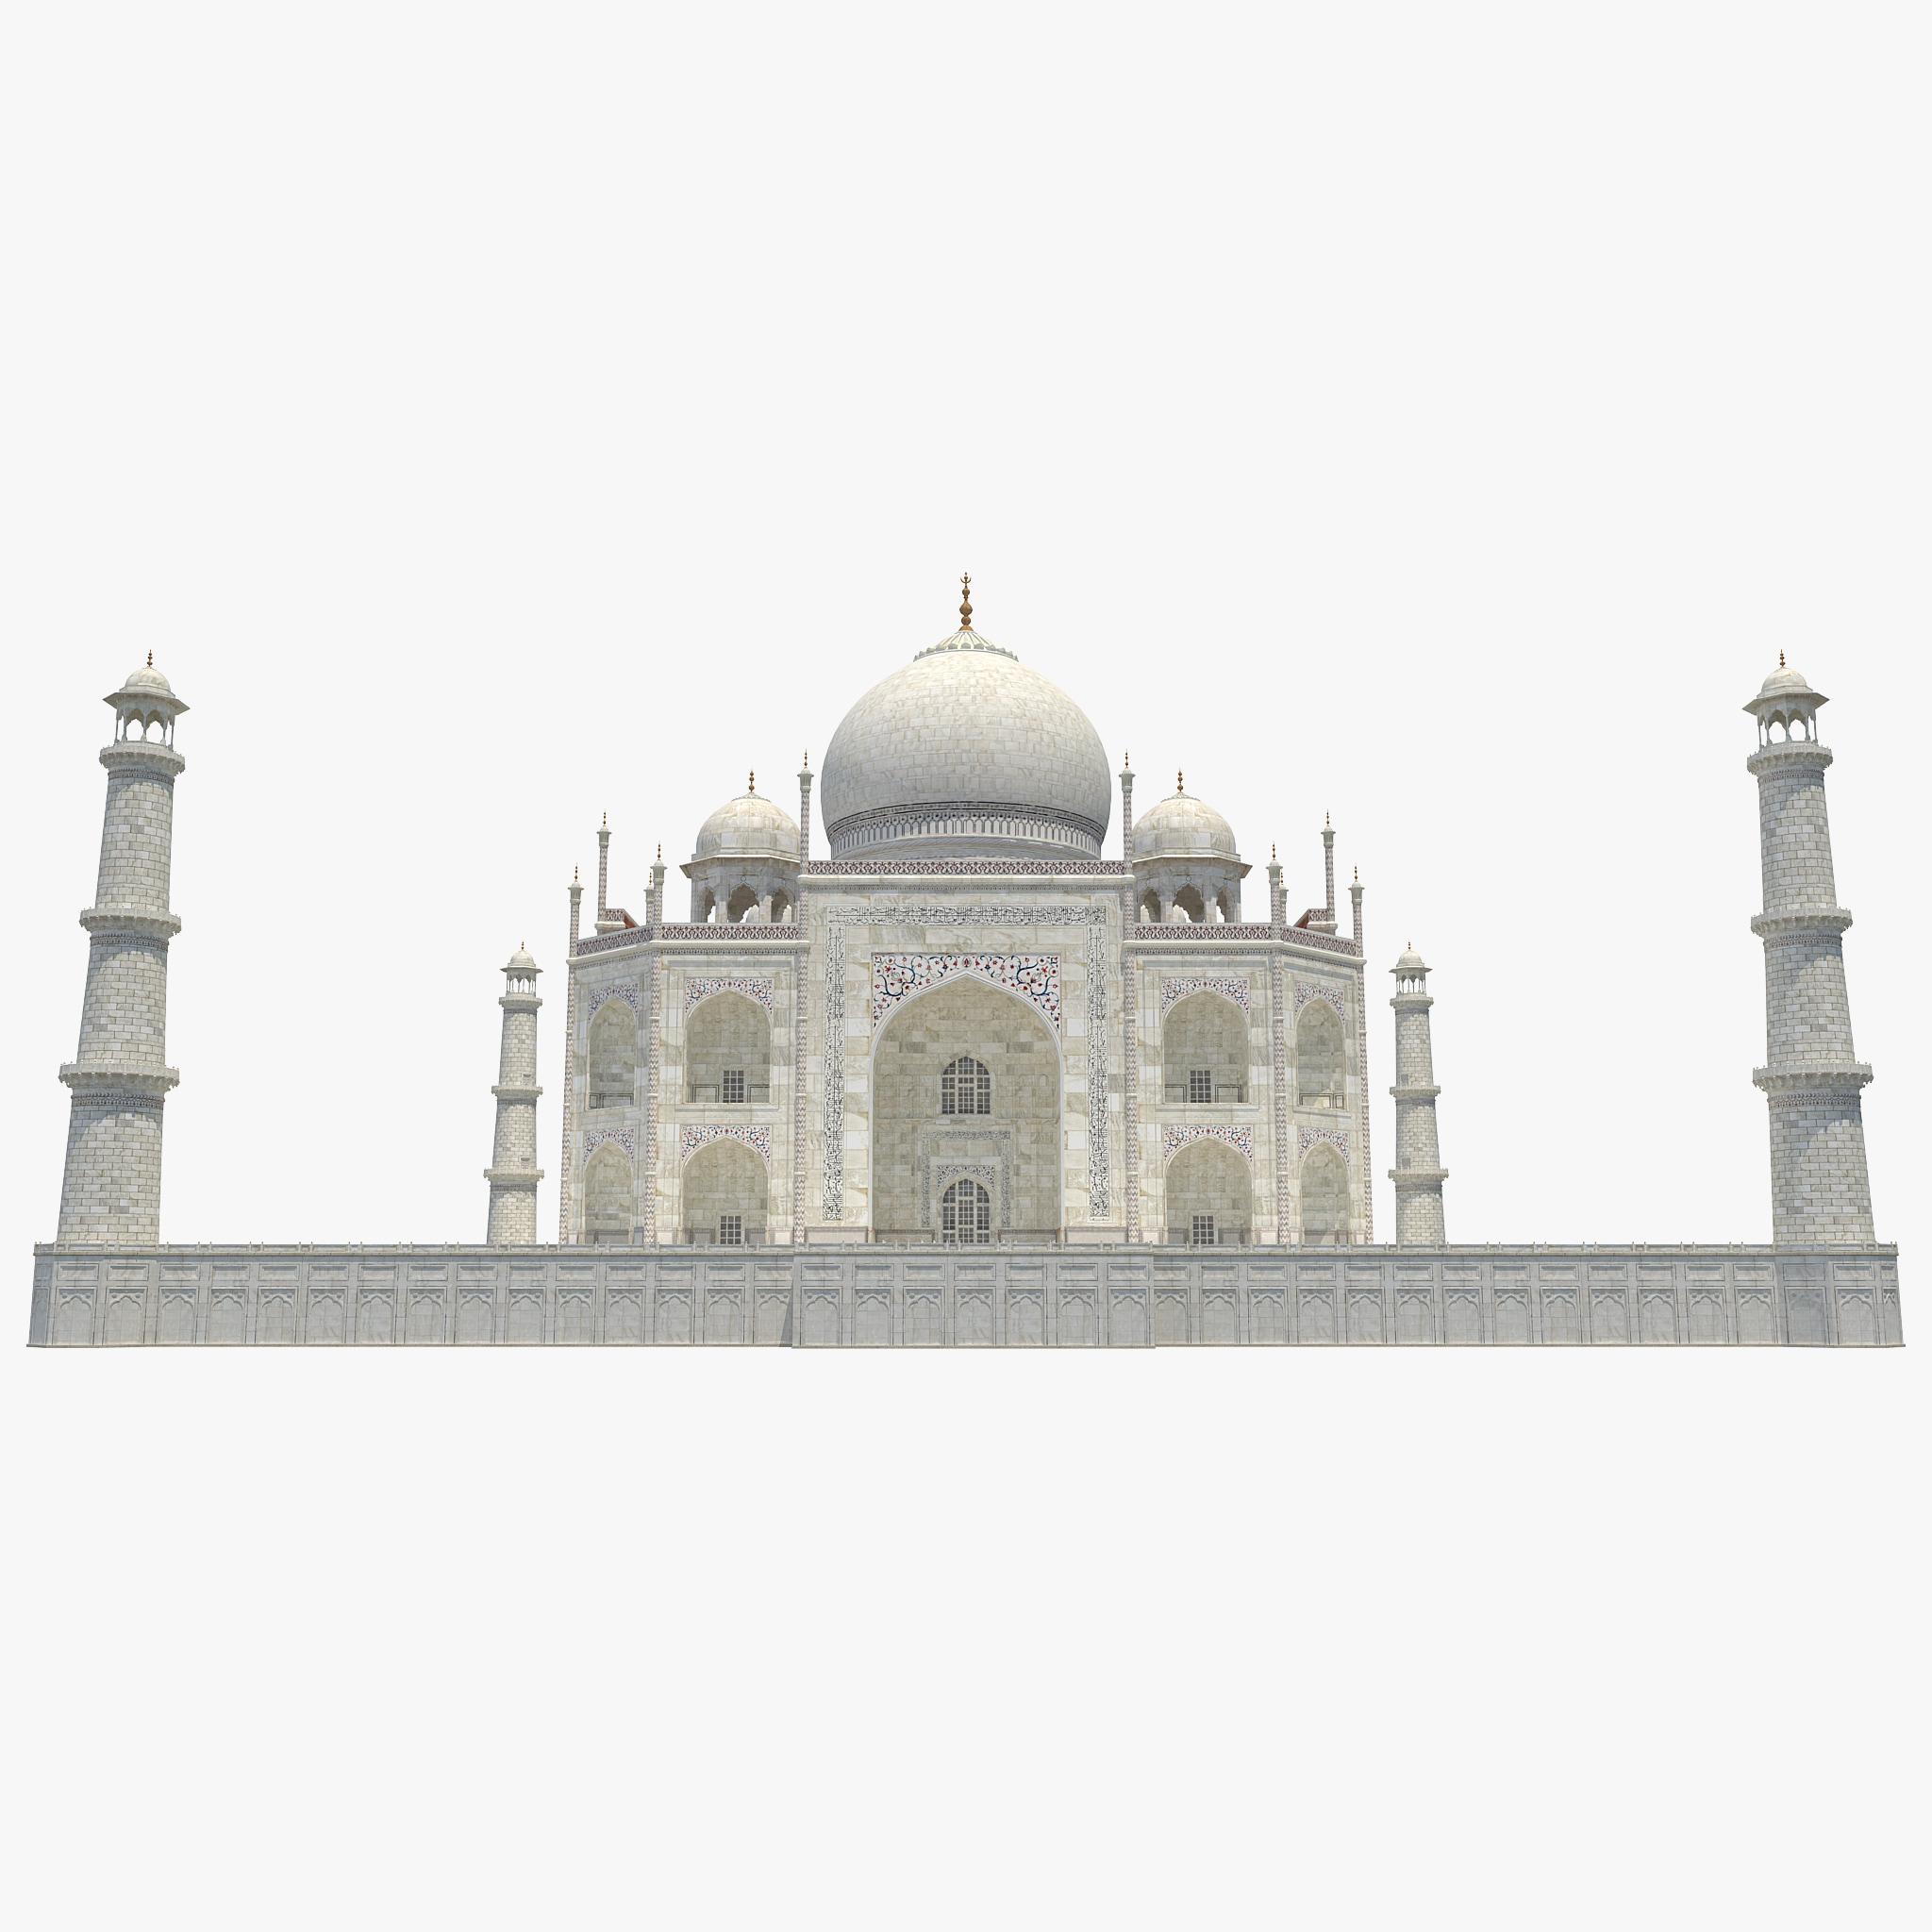 Taj_Mahal_2_000.jpg